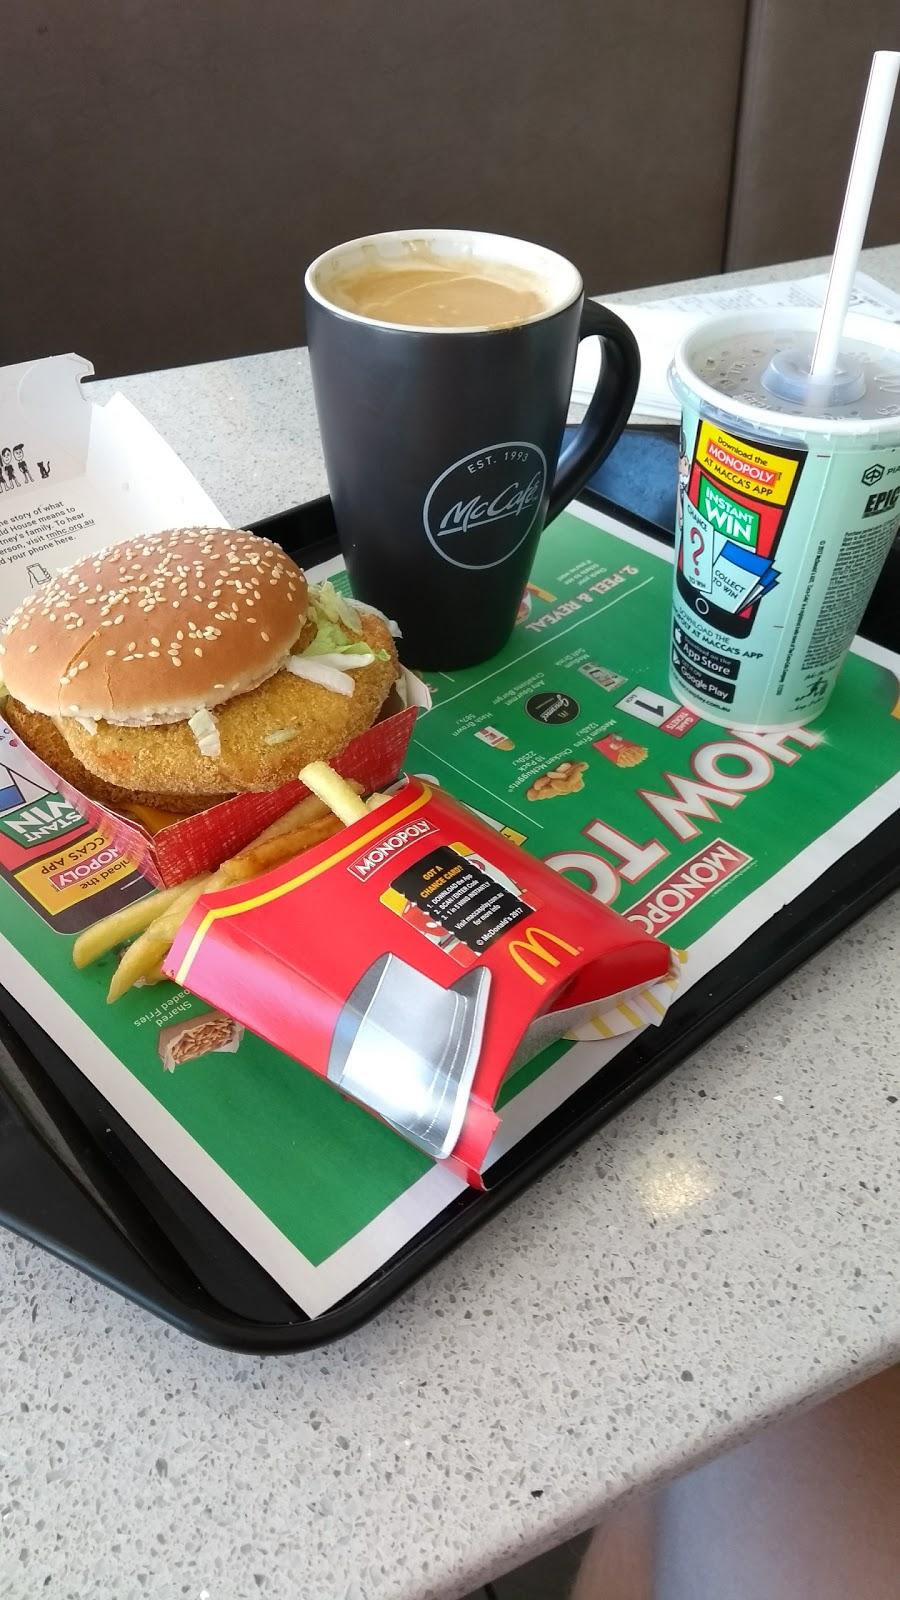 McDonalds Charnwood   cafe   Charnwood Pl &, Lhotsky St, Charnwood ACT 2615, Australia   0262599199 OR +61 2 6259 9199